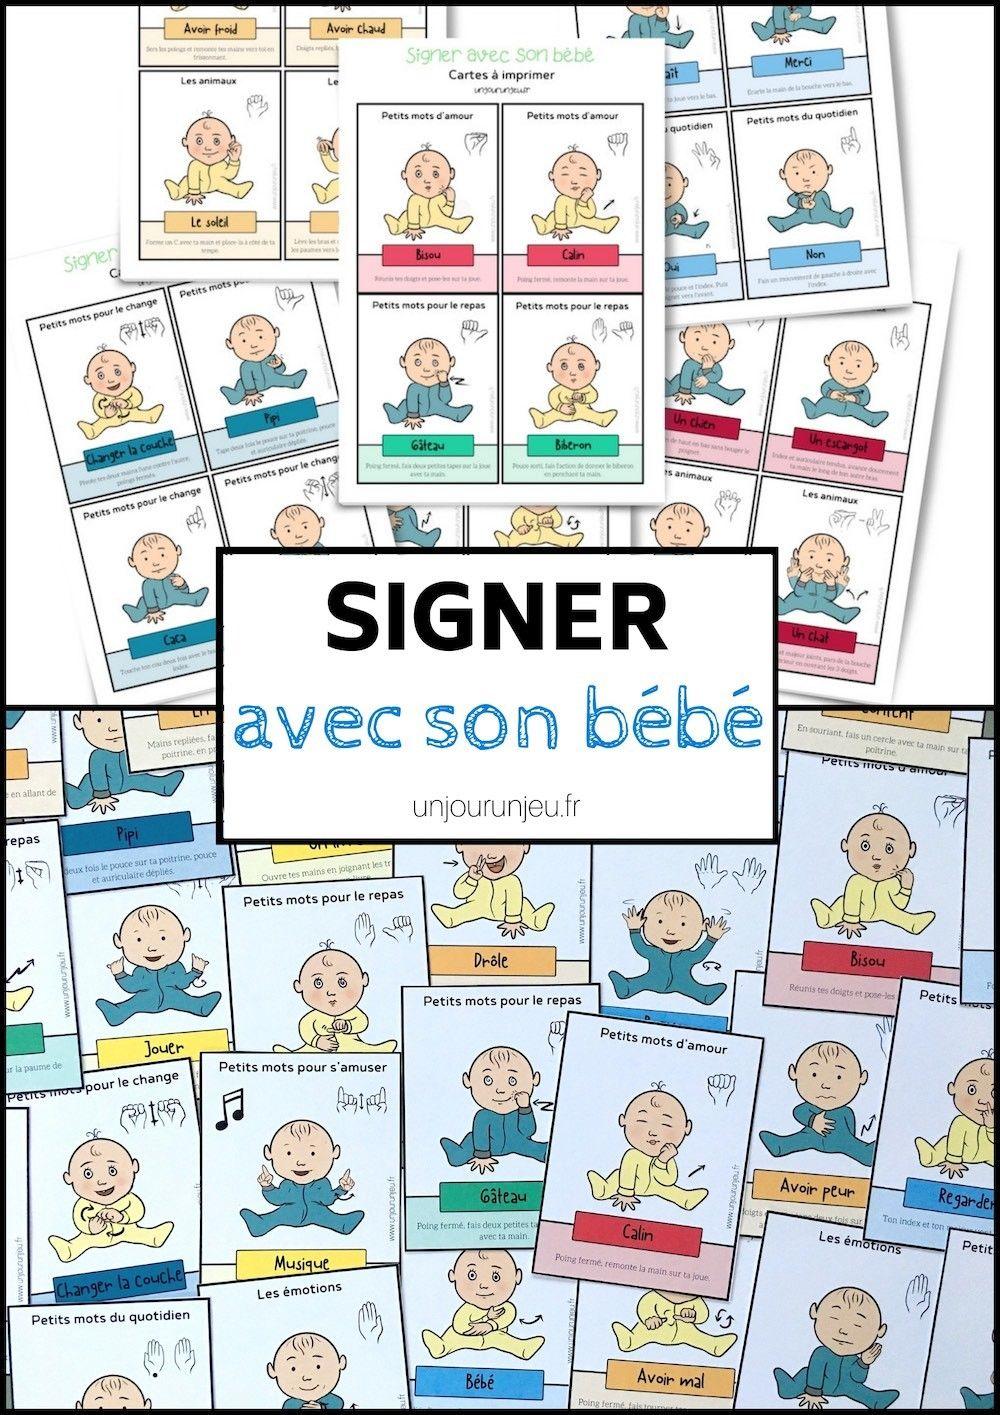 Langage Des Signes Bébé Gratuit : langage, signes, bébé, gratuit, Signer, Bébé, Cartes, Télécharger, Gratuitement, Langage, Signes, Bebe,, Langue, Bébé,